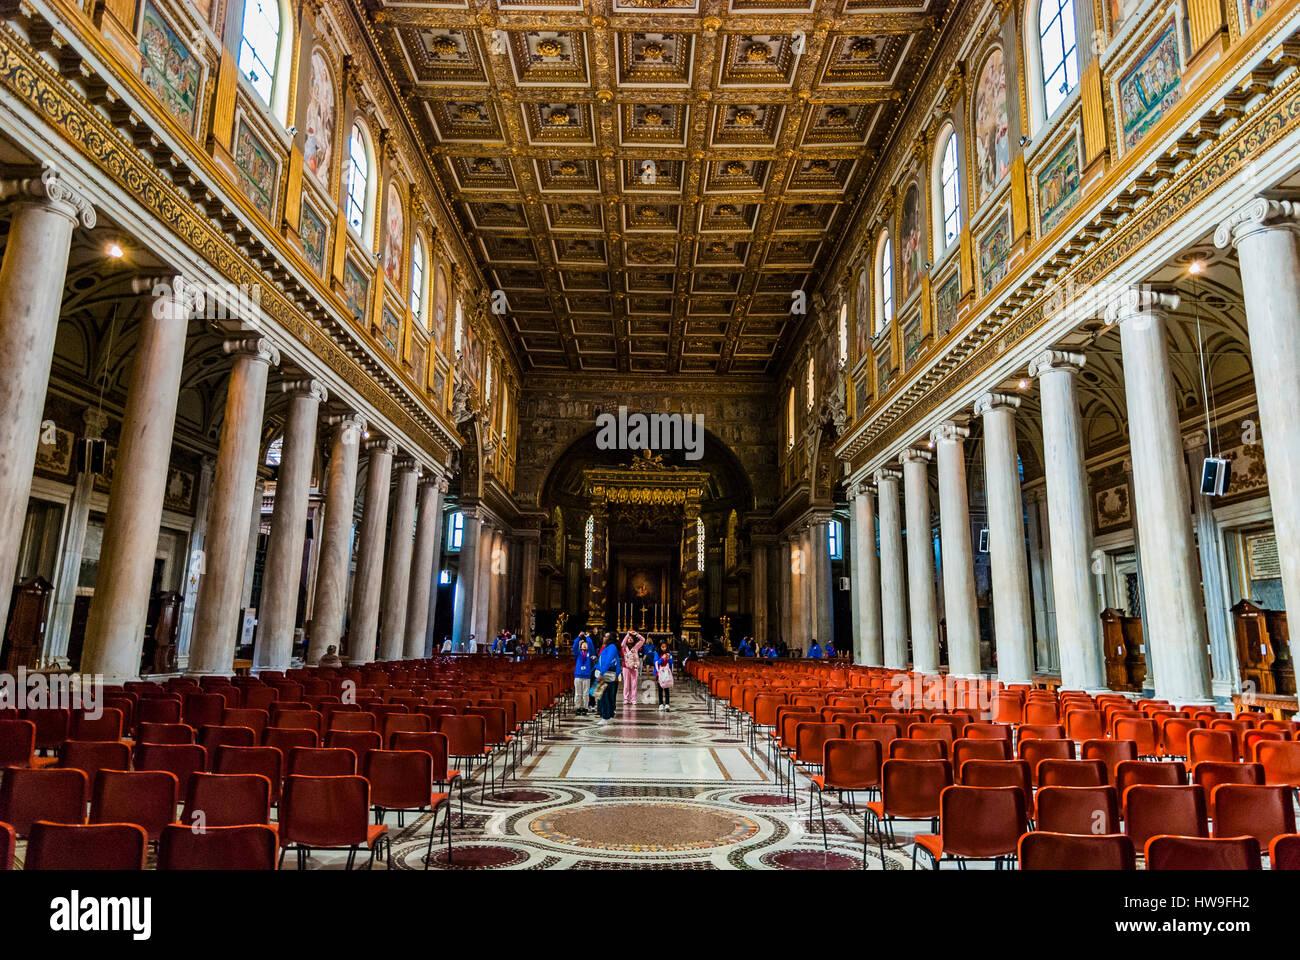 Nave. Basilica di Santa Maria Maggiore - Basilica of Saint Mary Major - or church of Santa Maria Maggiore. Rome, Stock Photo